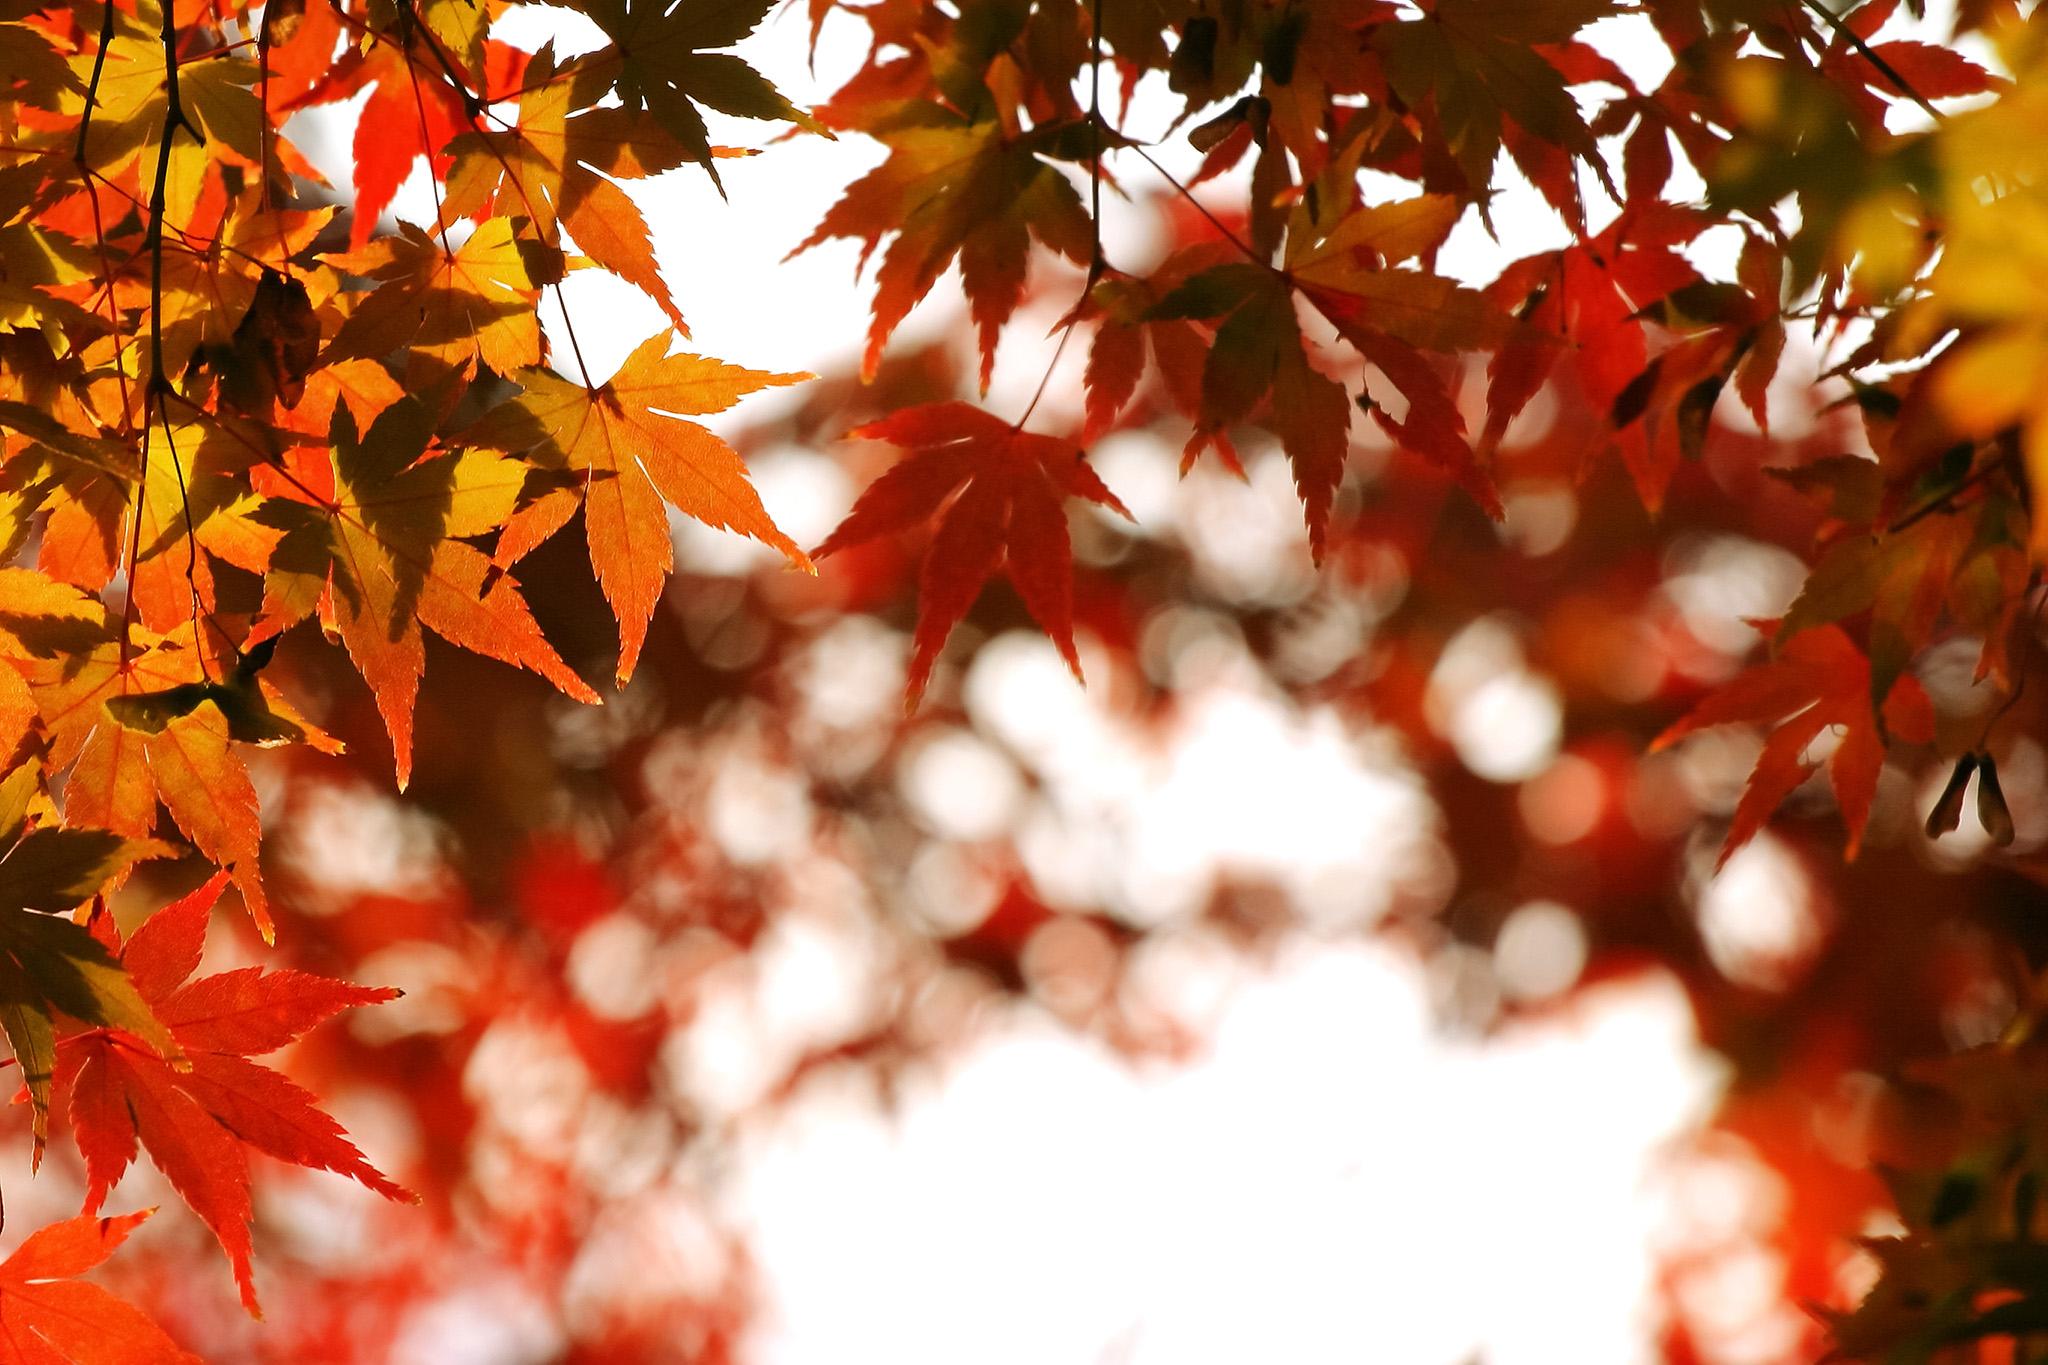 「紅葉風景」のテクスチャを無料ダウンロード